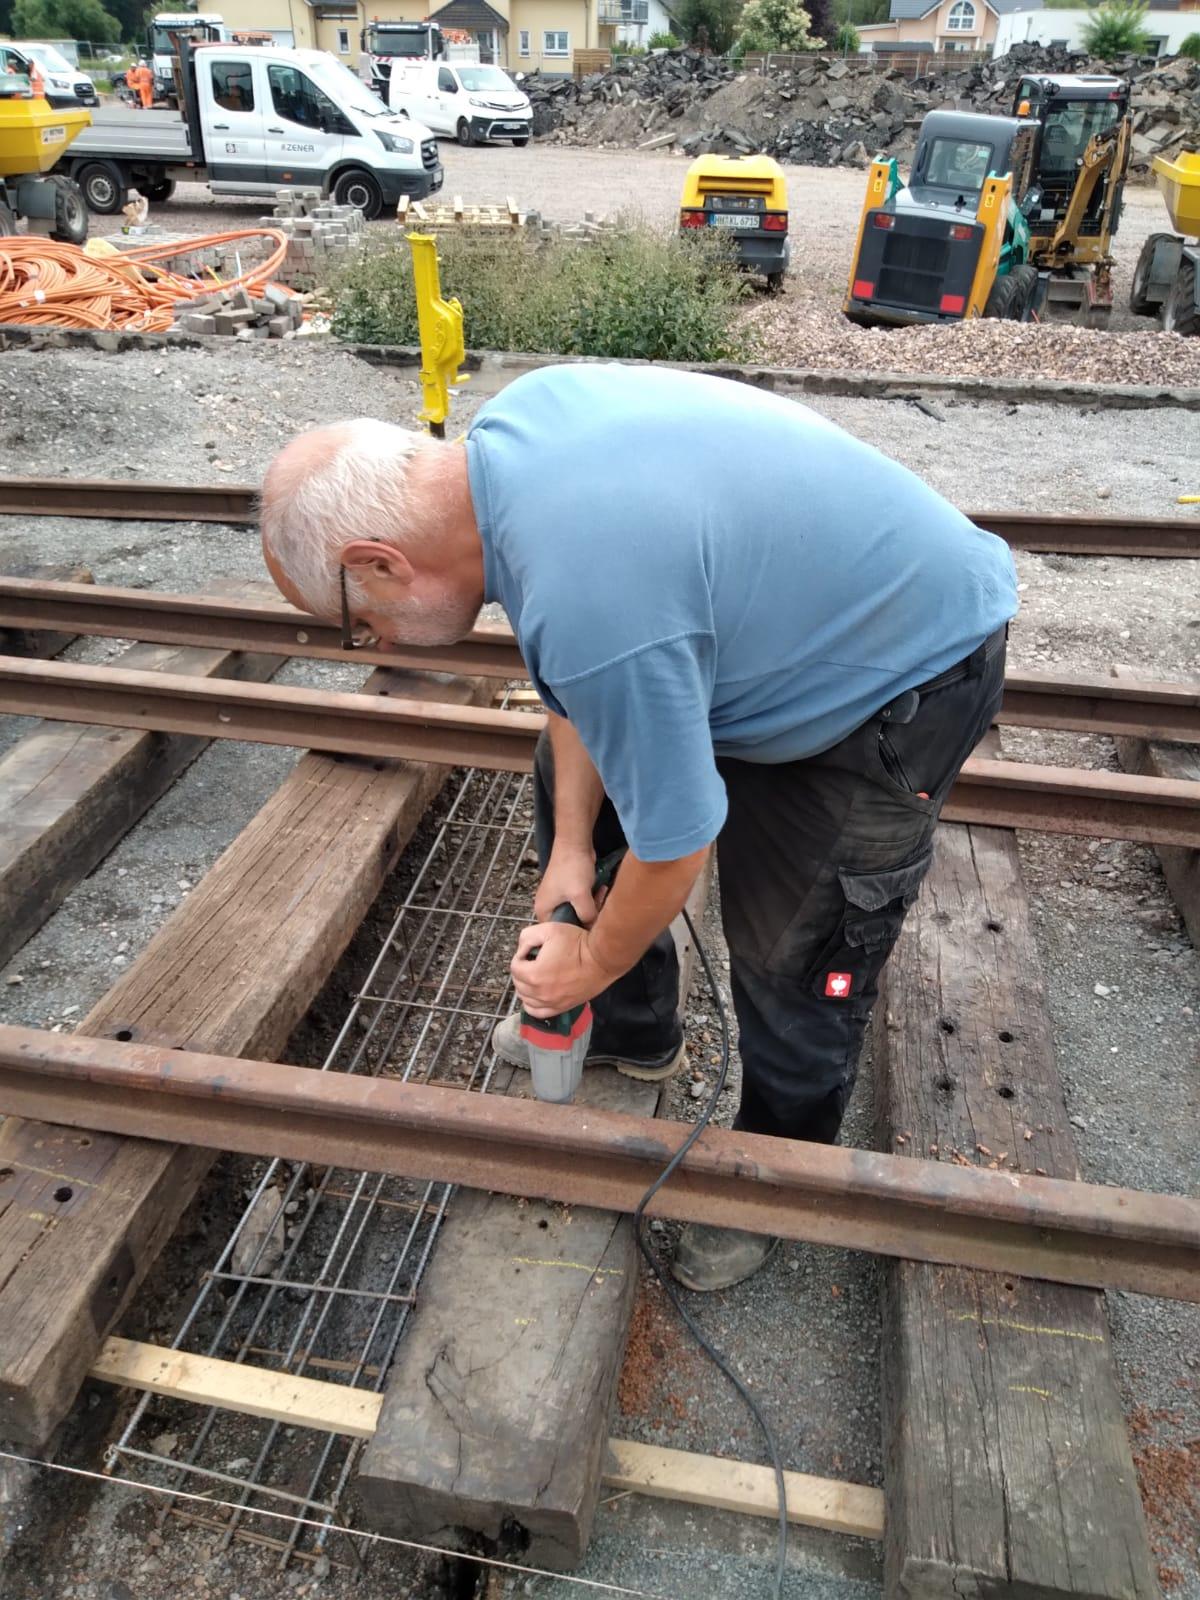 20mm Löcher werden gebohrt, für die schweren Gleisschrauben